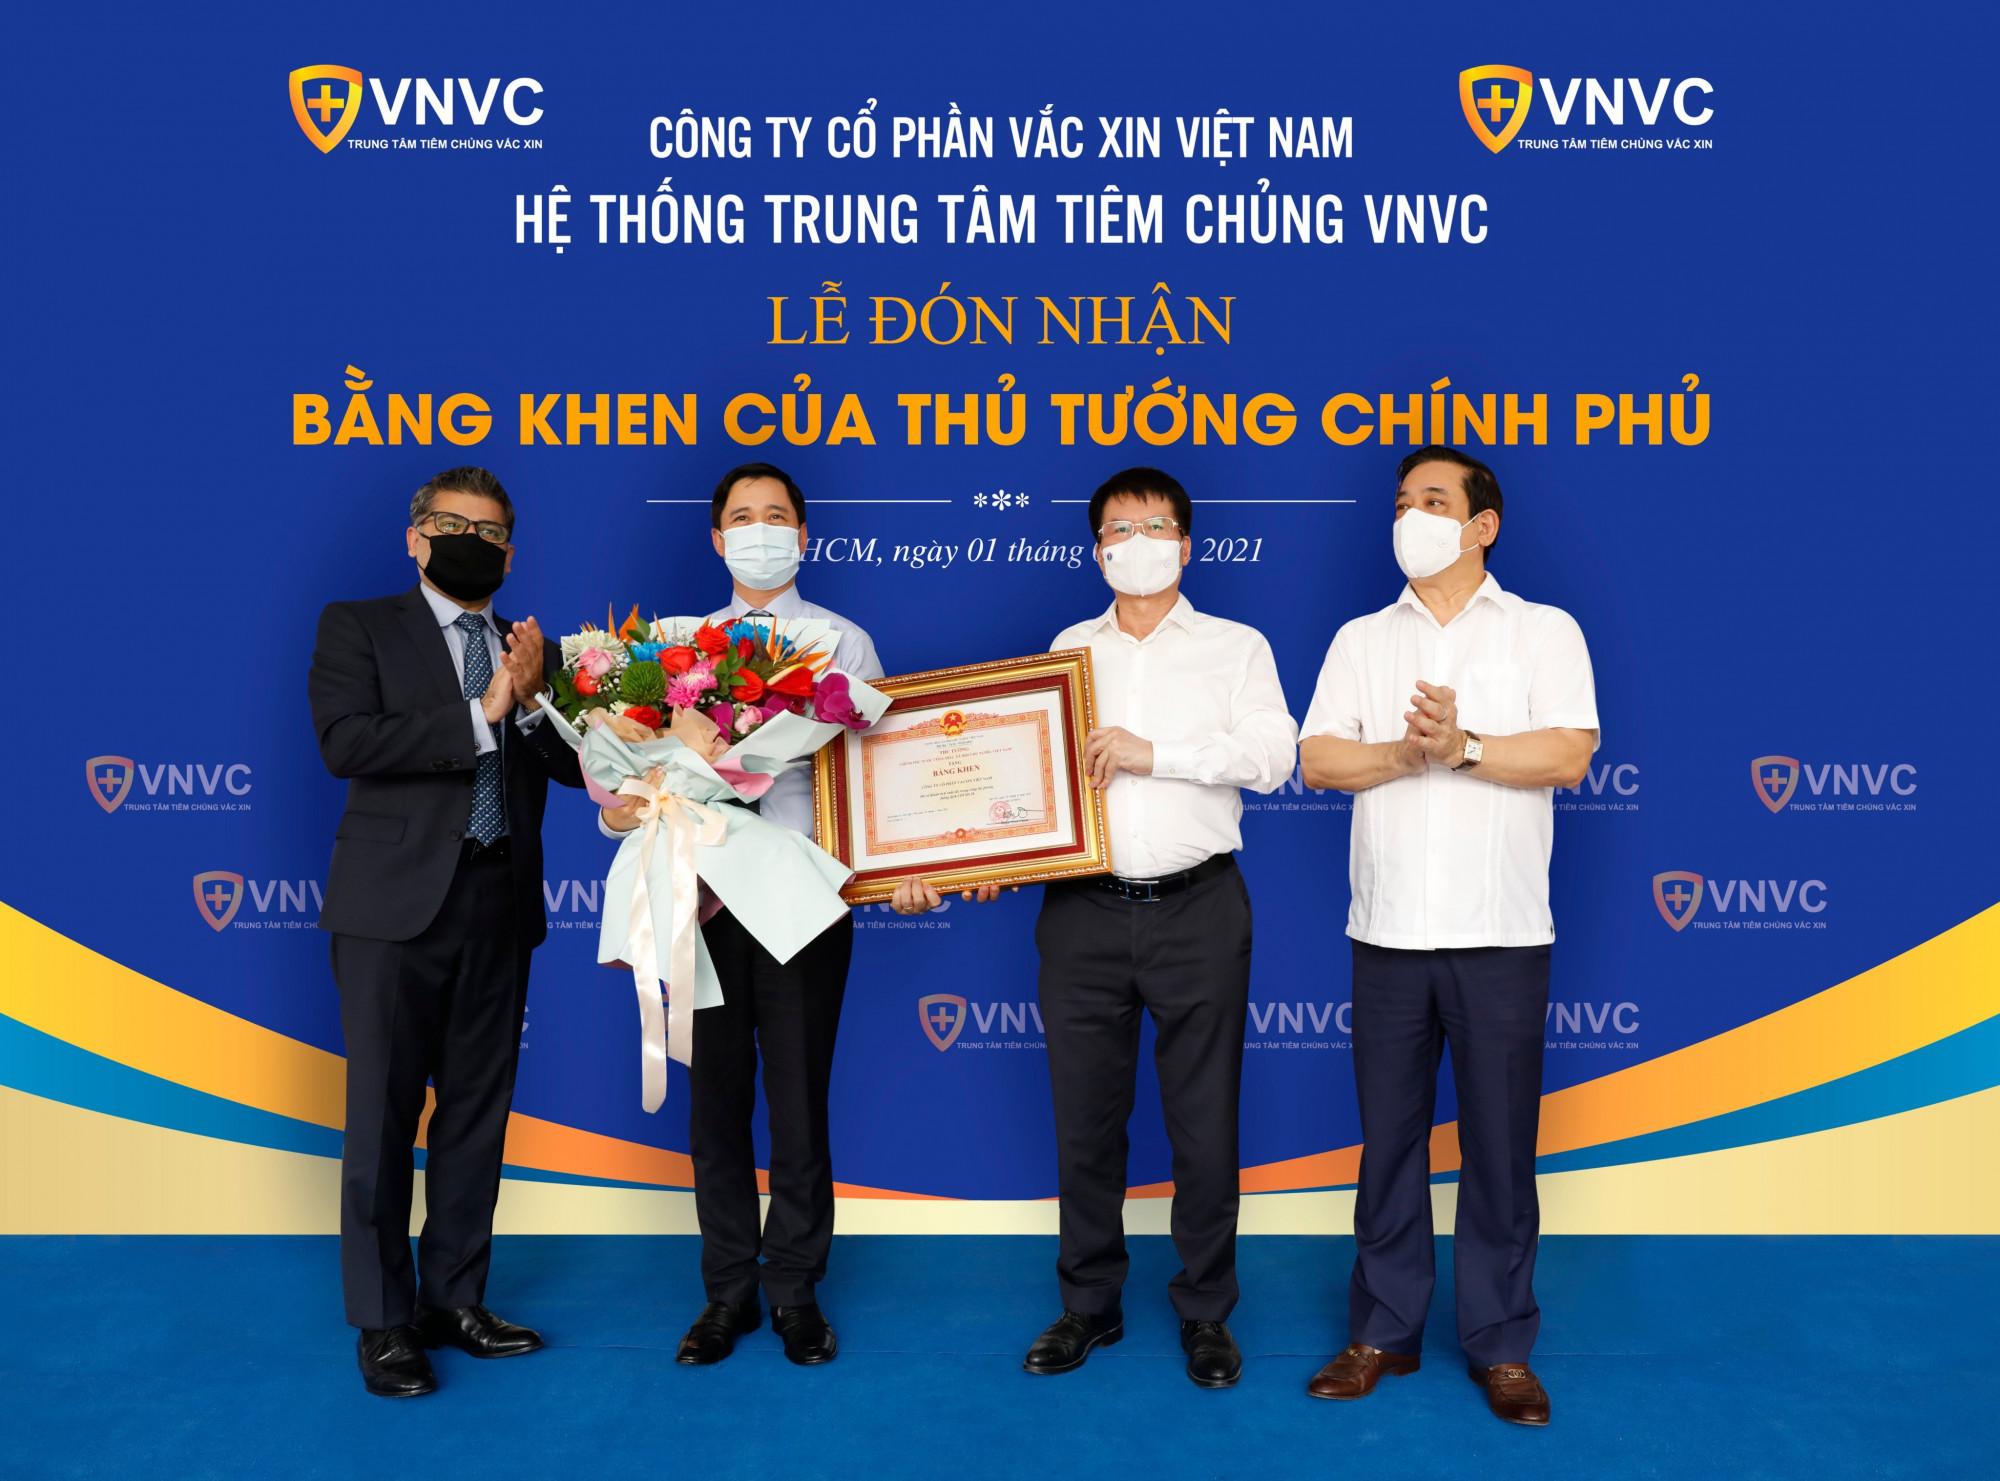 Với thành tích tốt trong hoạt động tiêm chủng vắc-xin, đặc biệt trong công tác phòng chống dịch COVID-19, tháng 6/2021, VNVC vinh dự được nhận Bằng khen của Thủ tướng Chính phủ. Ảnh: VNVC